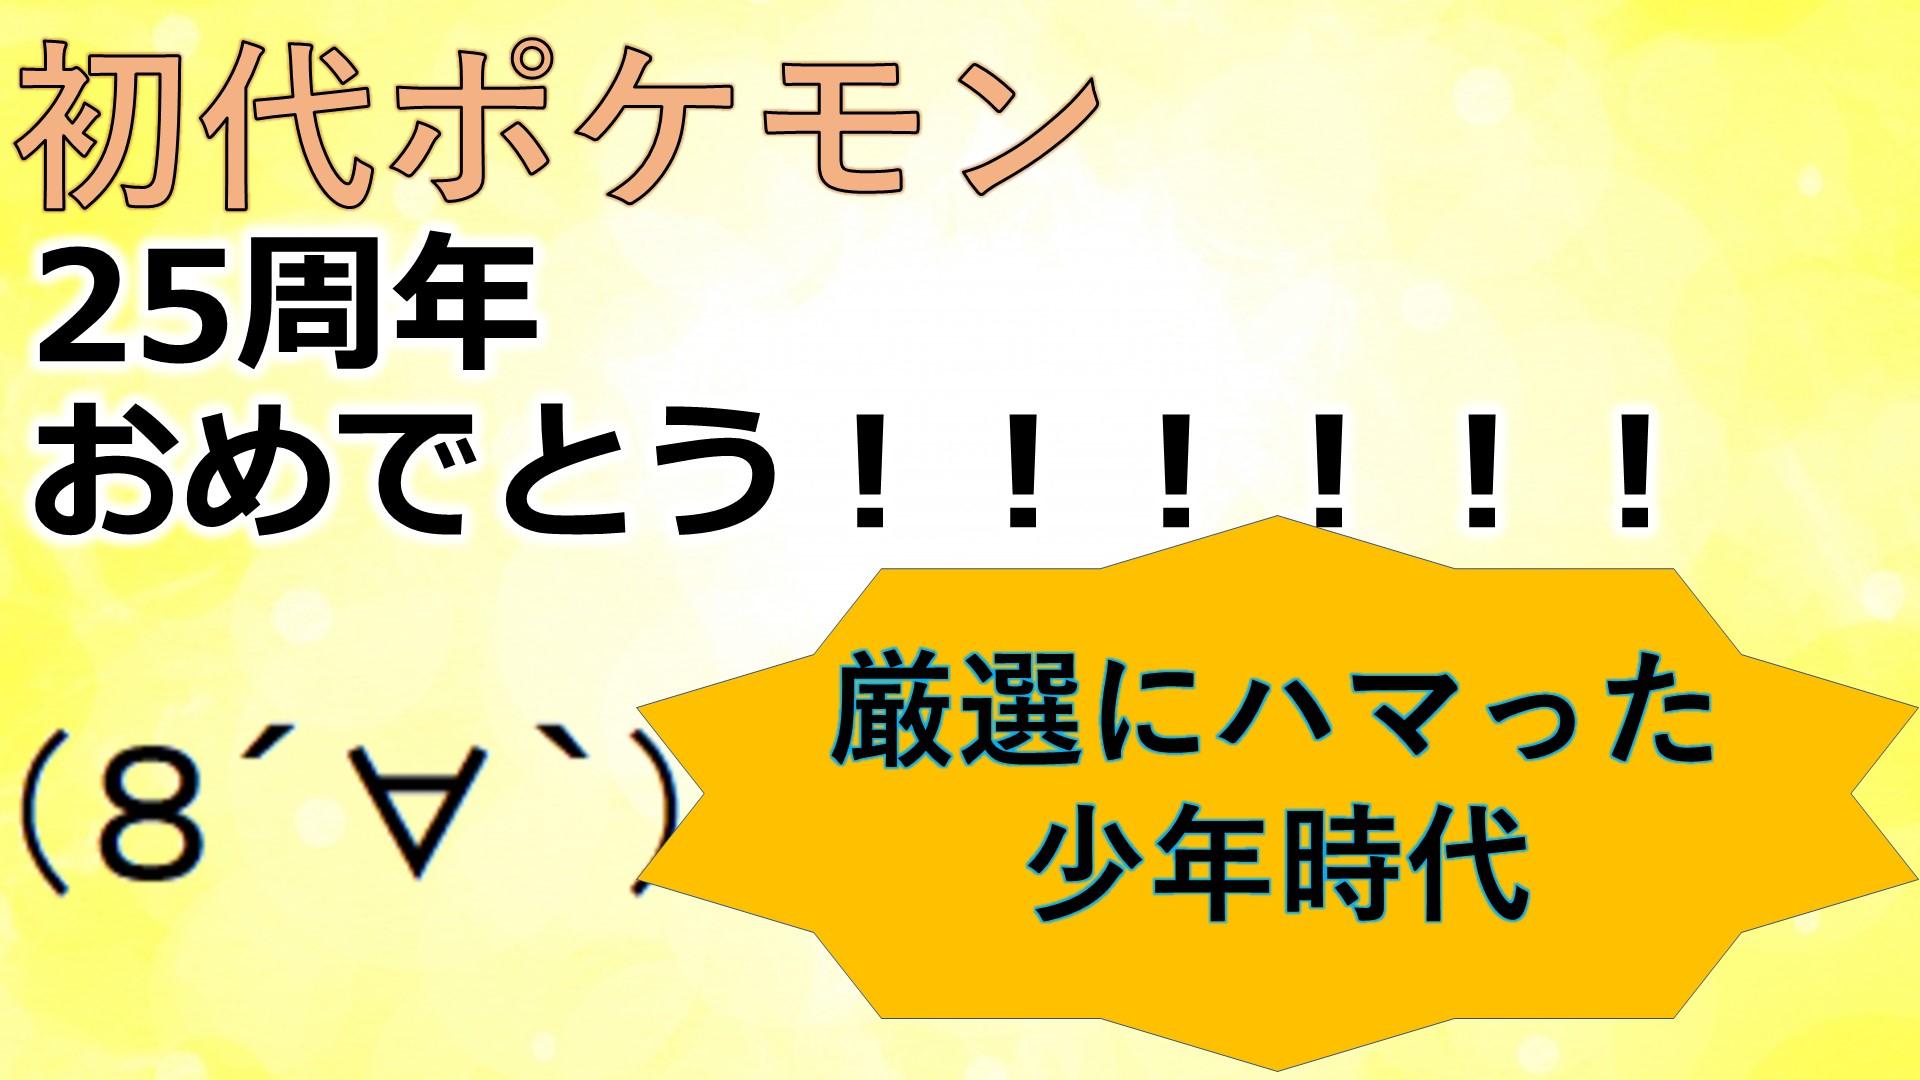 初代ポケモン25周年おめでとう!!!記事のサムネイル